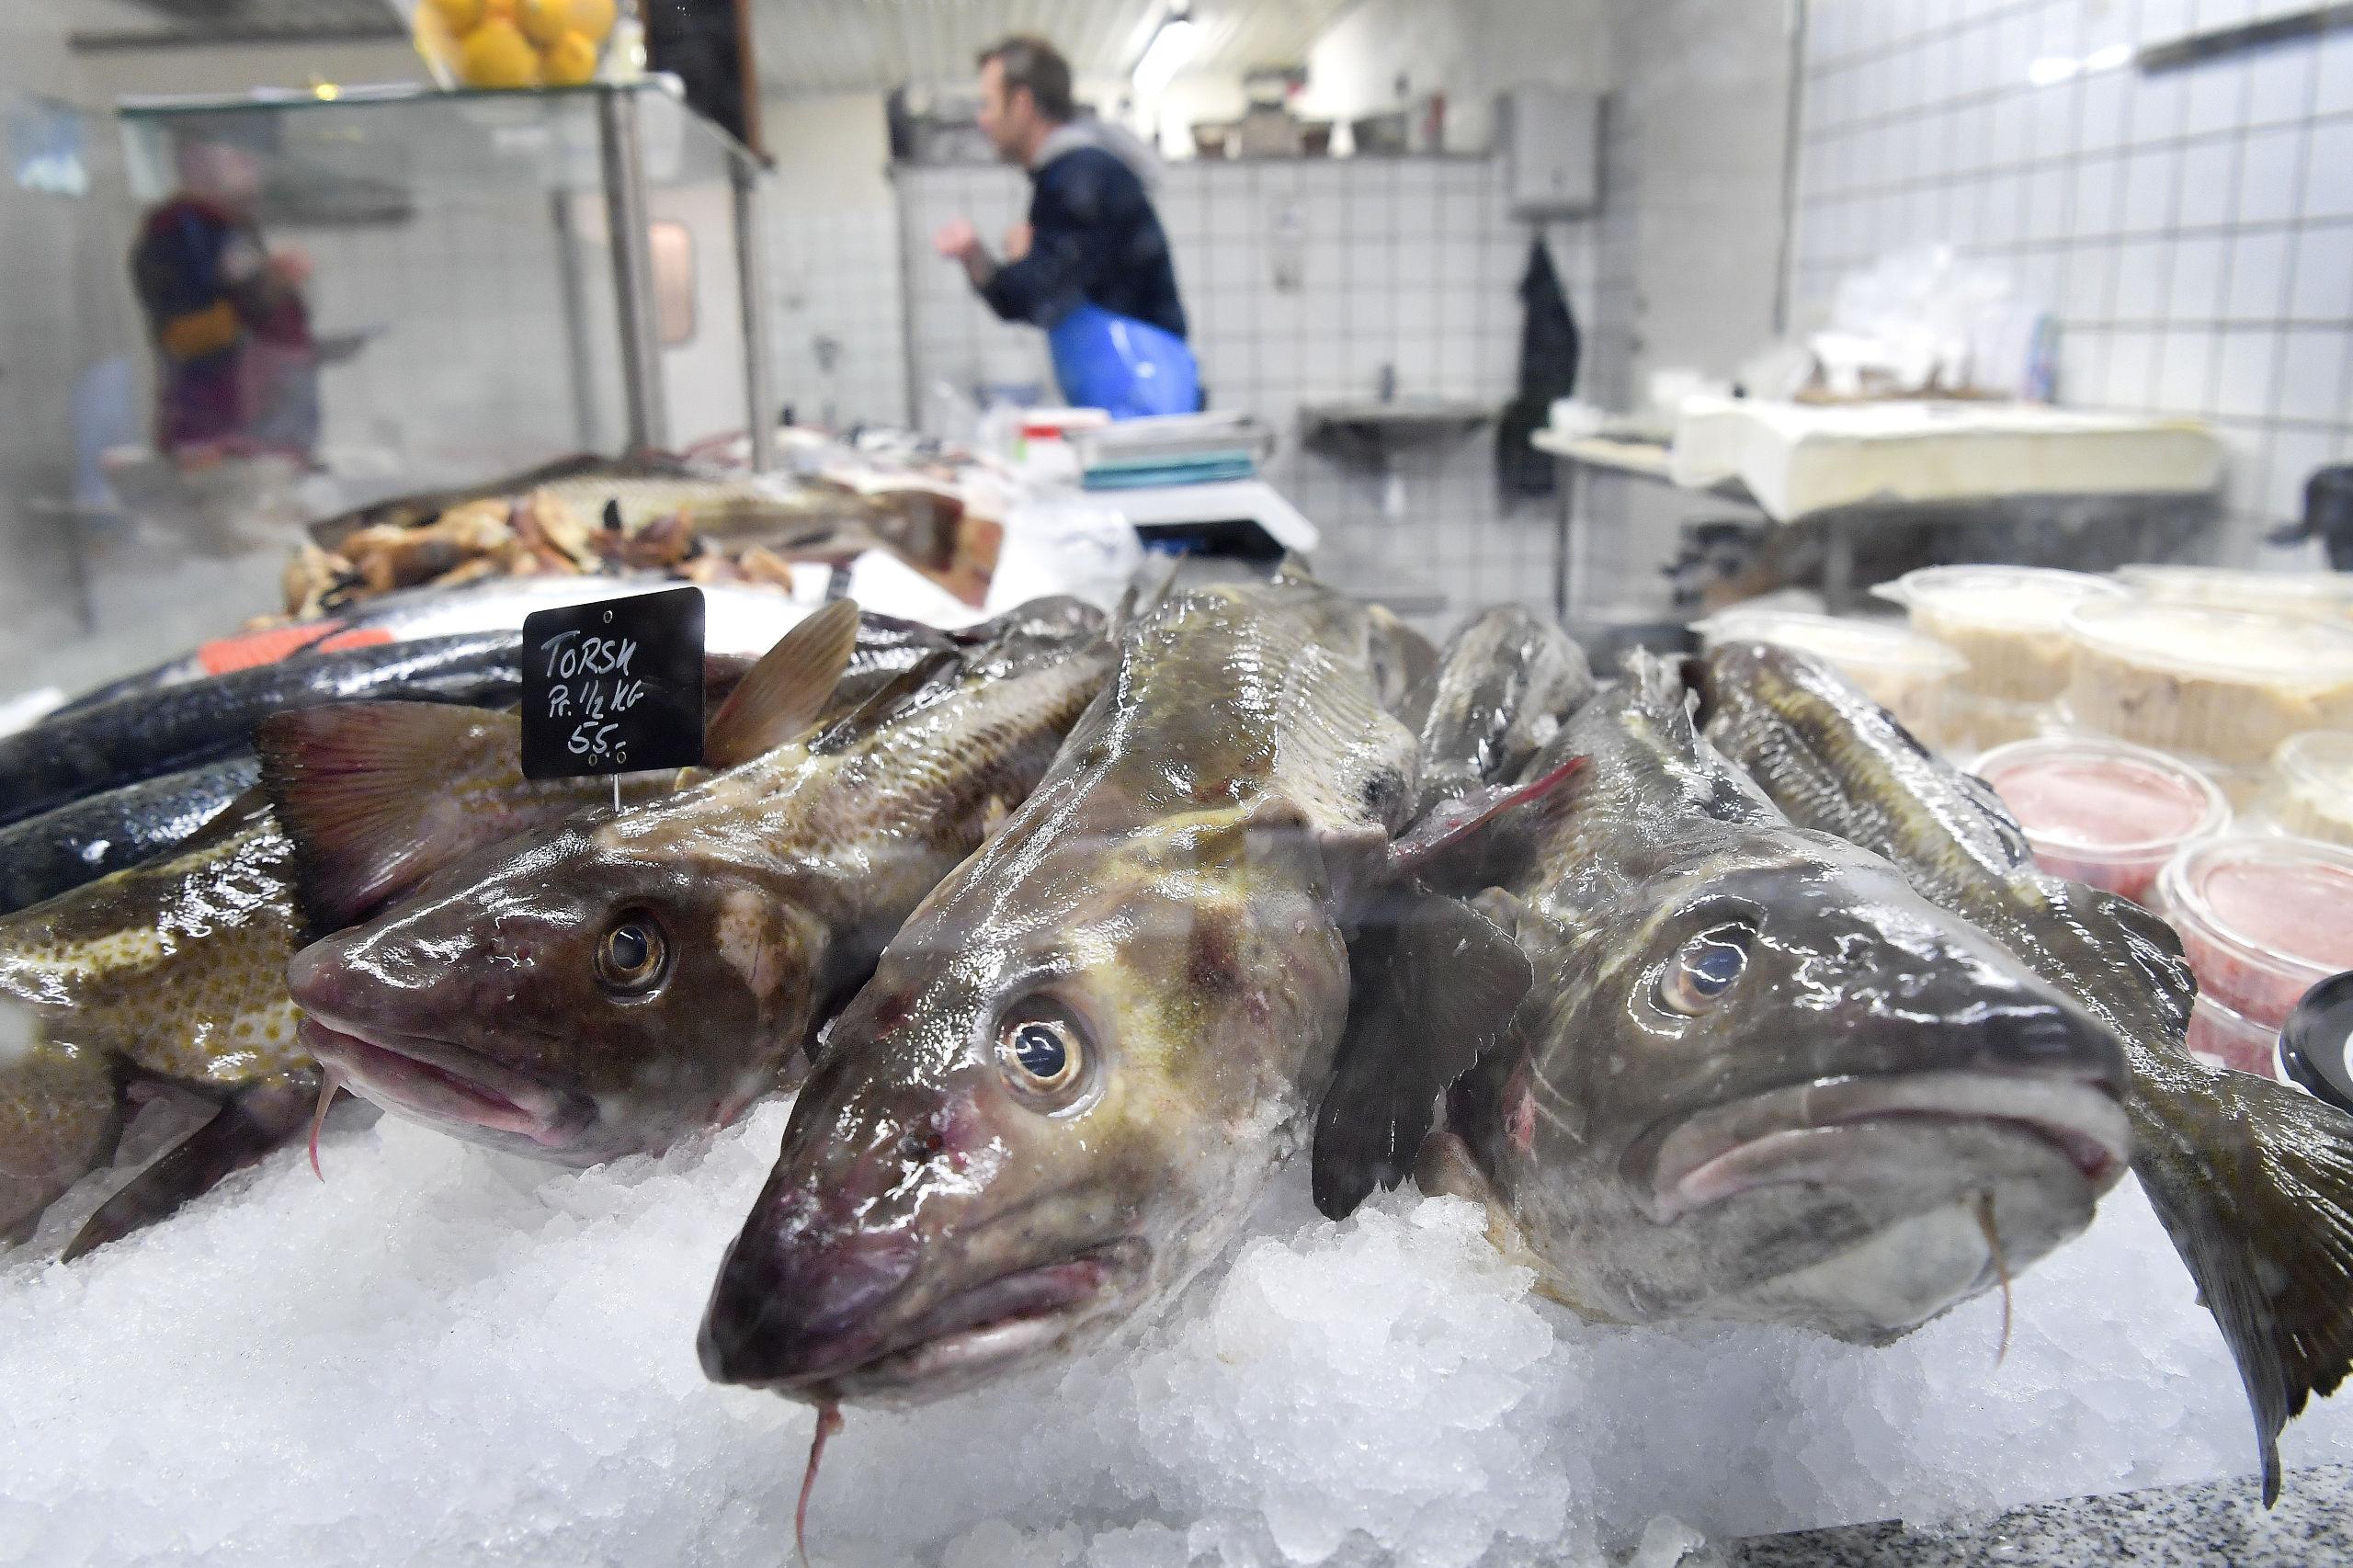 Torsk er en særdeles delikat spise, og mange foretrækker at spise fisken garneret med gode kartofler kombineret med en kraftig sennepssovs. Foto: Michael Koch